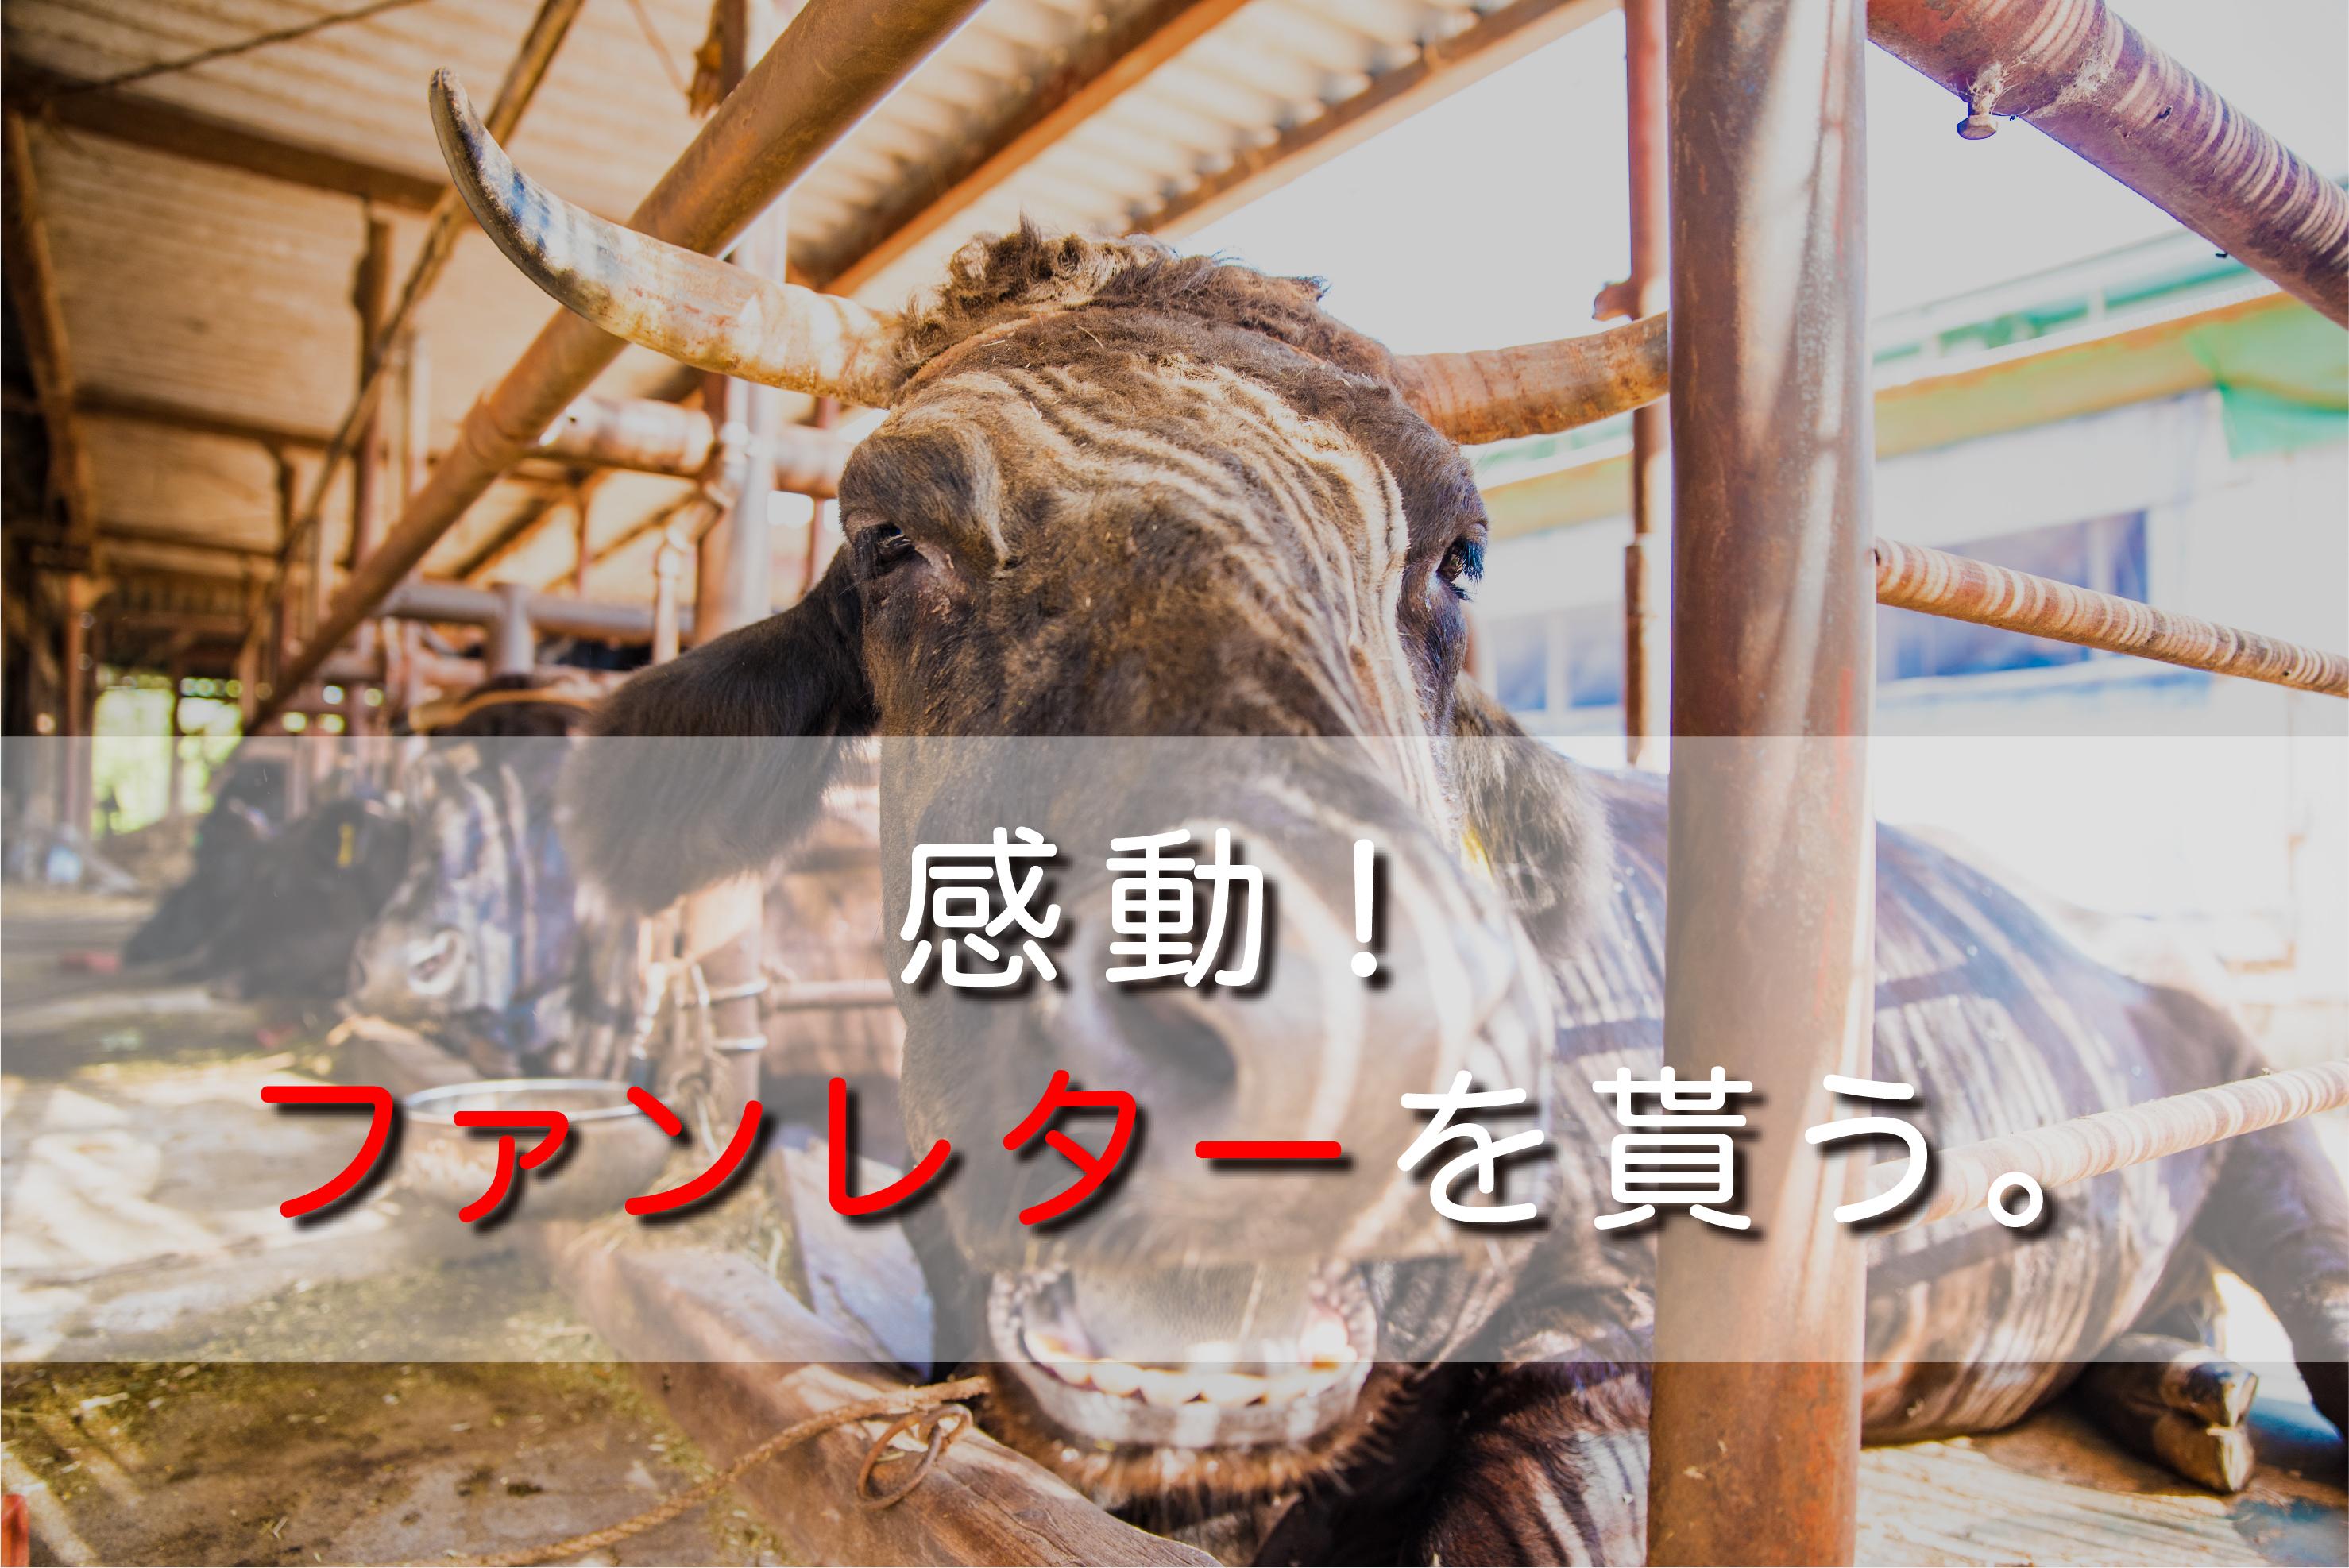 感動。初めてのファンレターをもらう。|日本一周農家旅 山﨑牧場 in 静岡県掛川